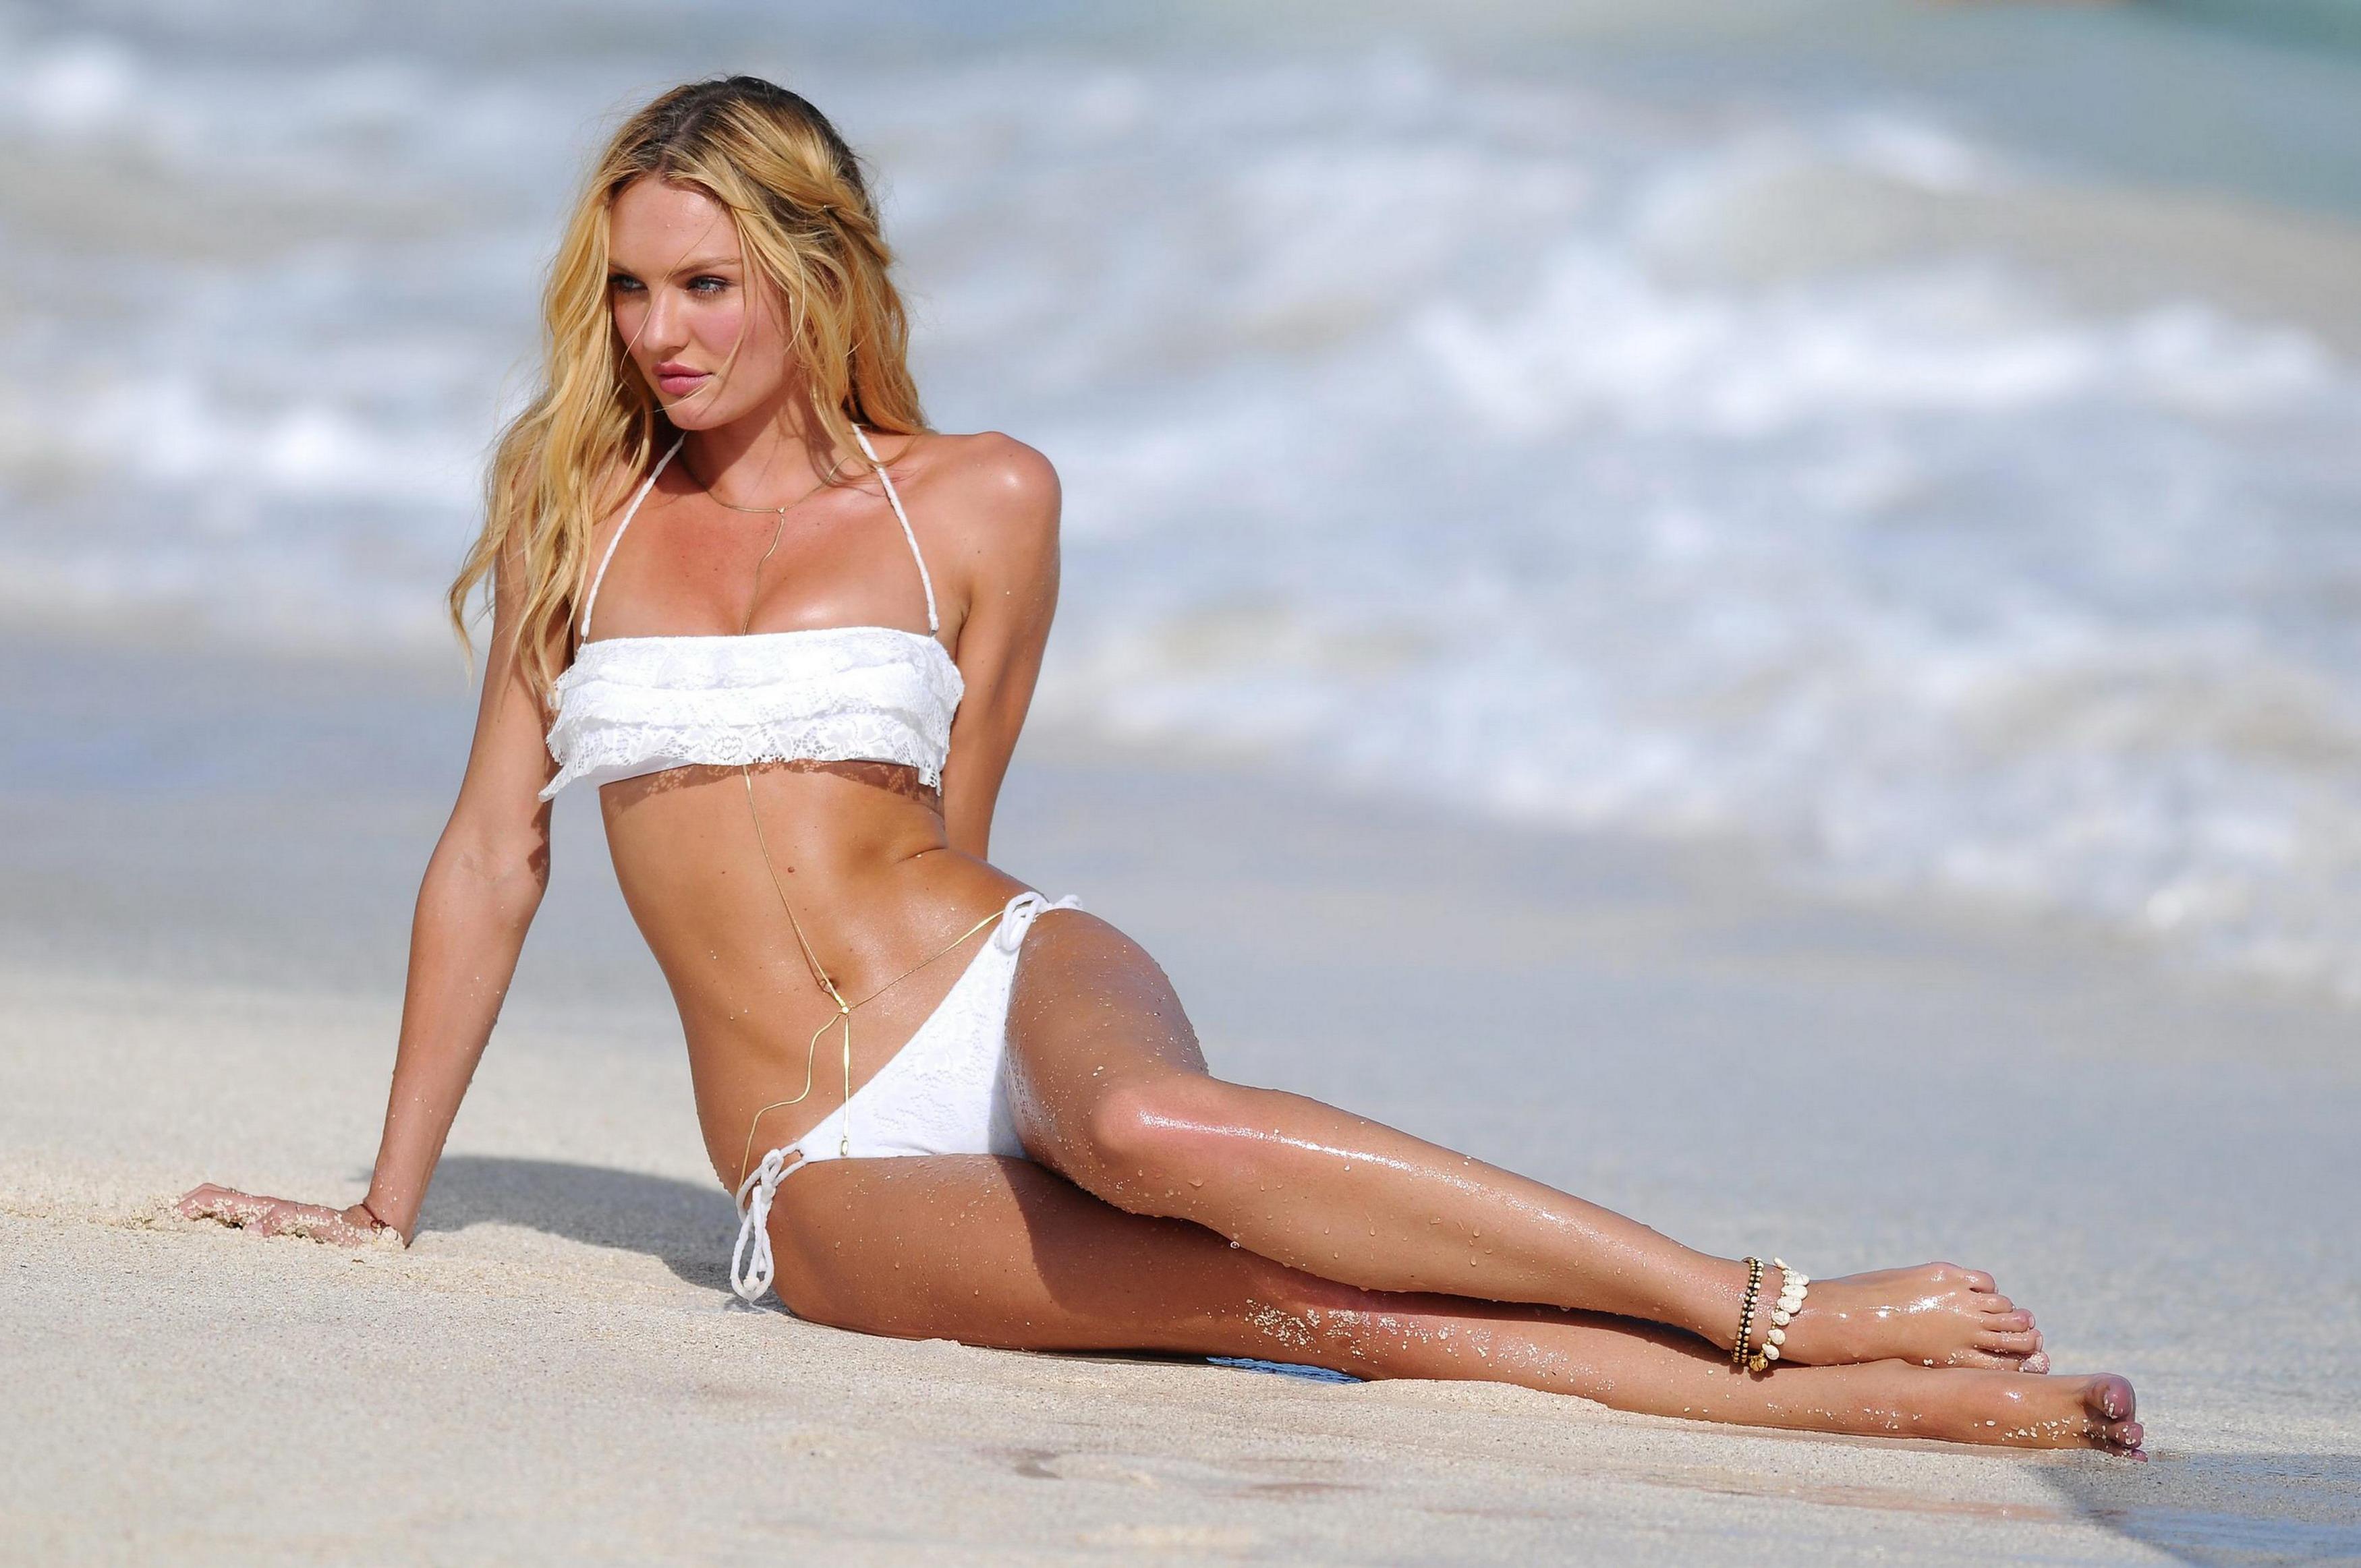 Фото голых девочек на пляжу 24 фотография